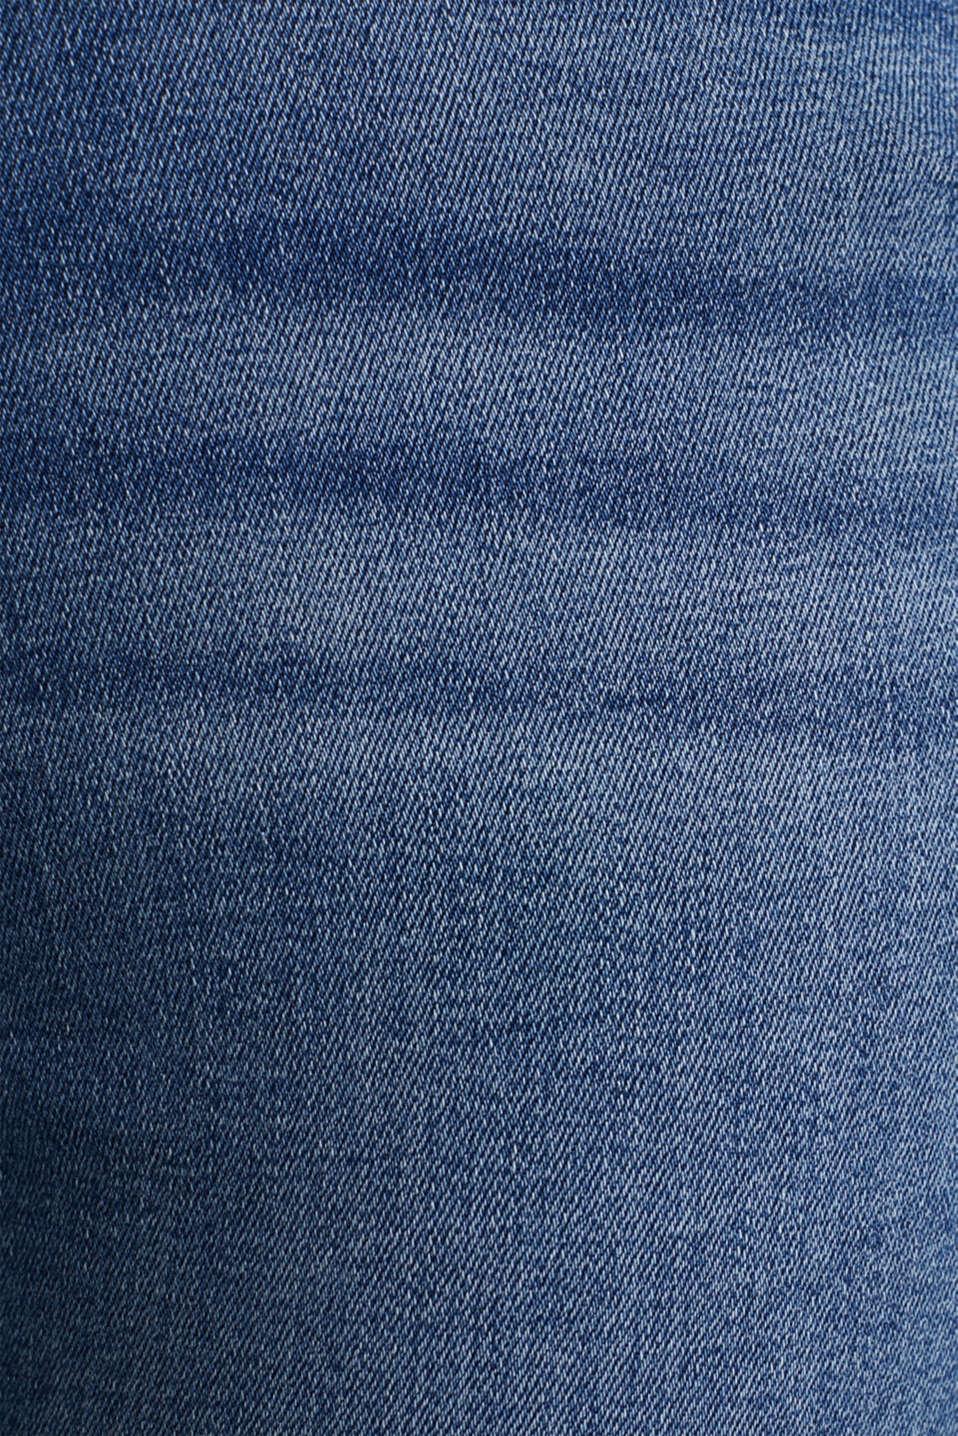 Ankle-length vintage jeans with frayed hems, BLUE MEDIUM WASH, detail image number 4